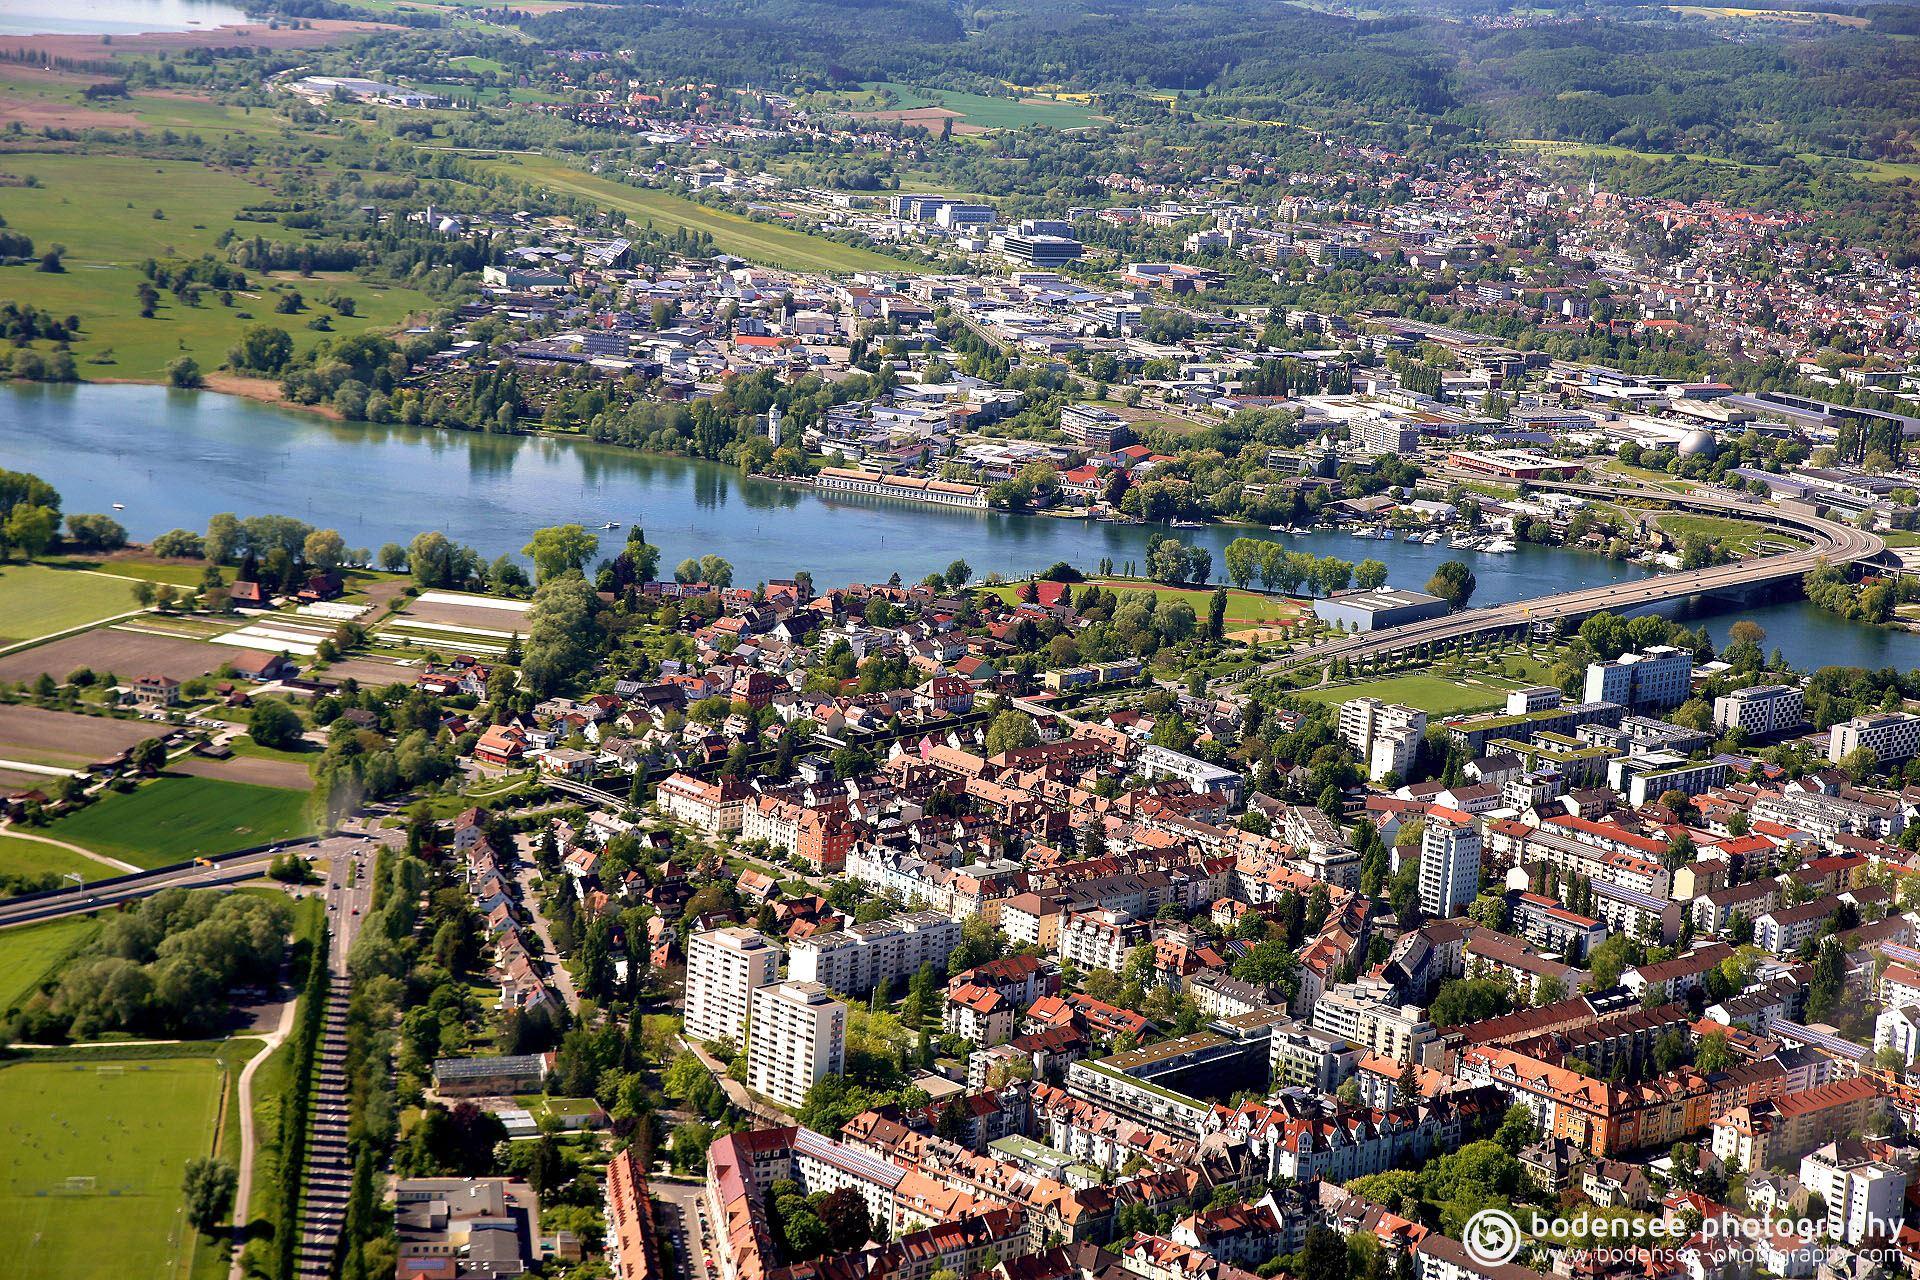 bodensee-luftbild.com in Konstanz © reinhold@wentsch.com | bodensee.photography